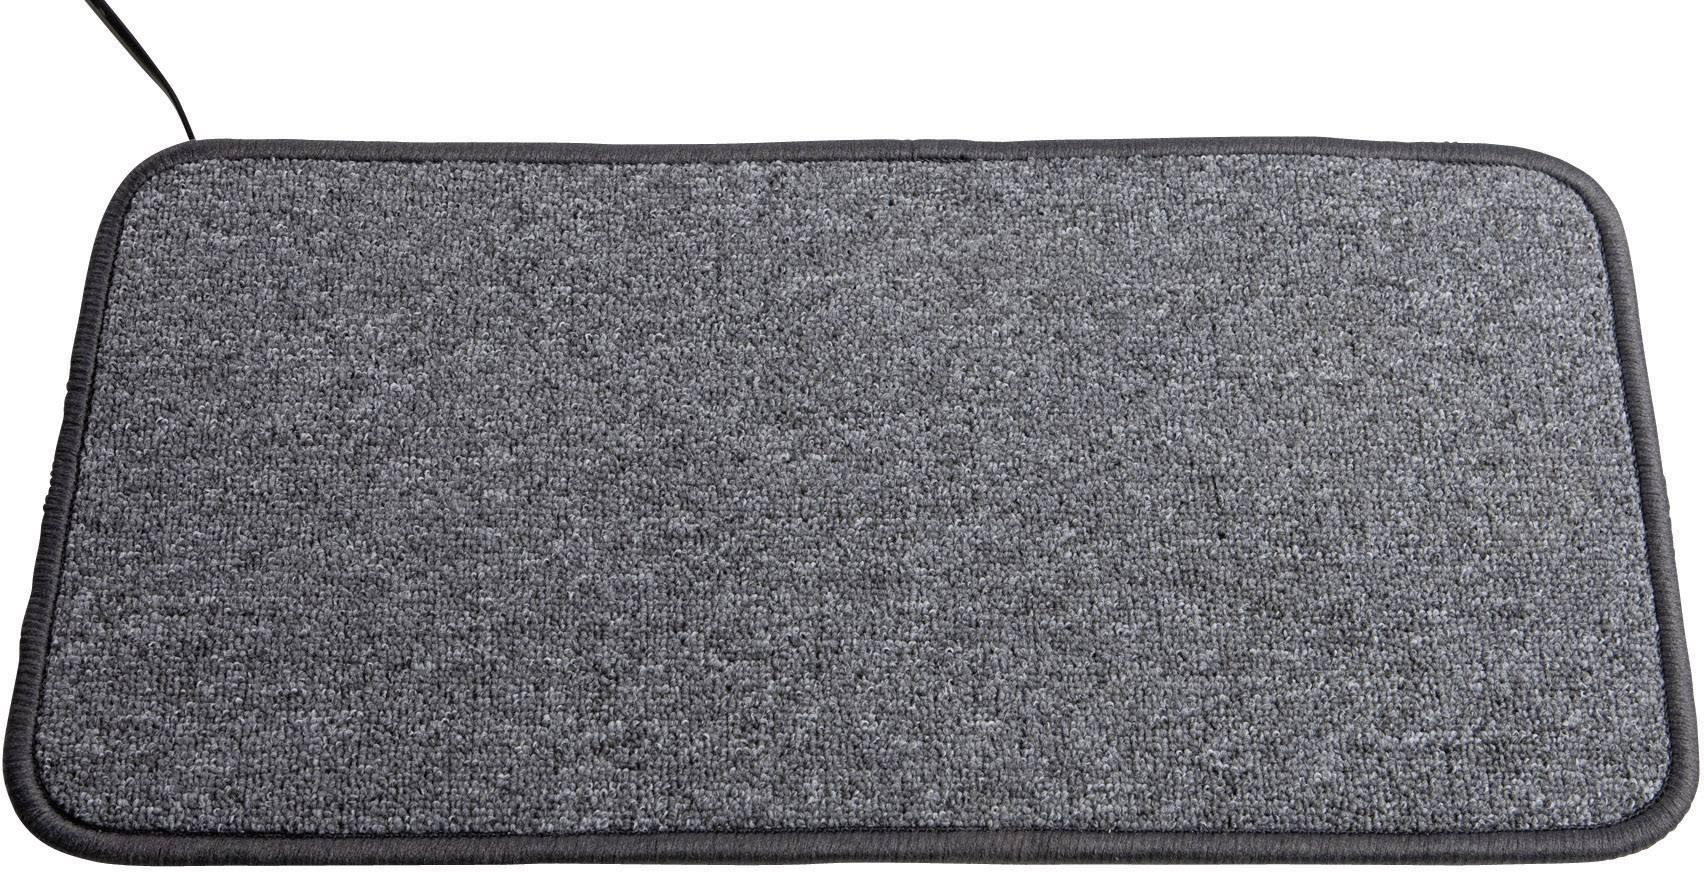 Vykurovacia rohož Arnold Rak FH21035 611252, (d x š x v) 70 x 50 x 1.5 cm, antracitová